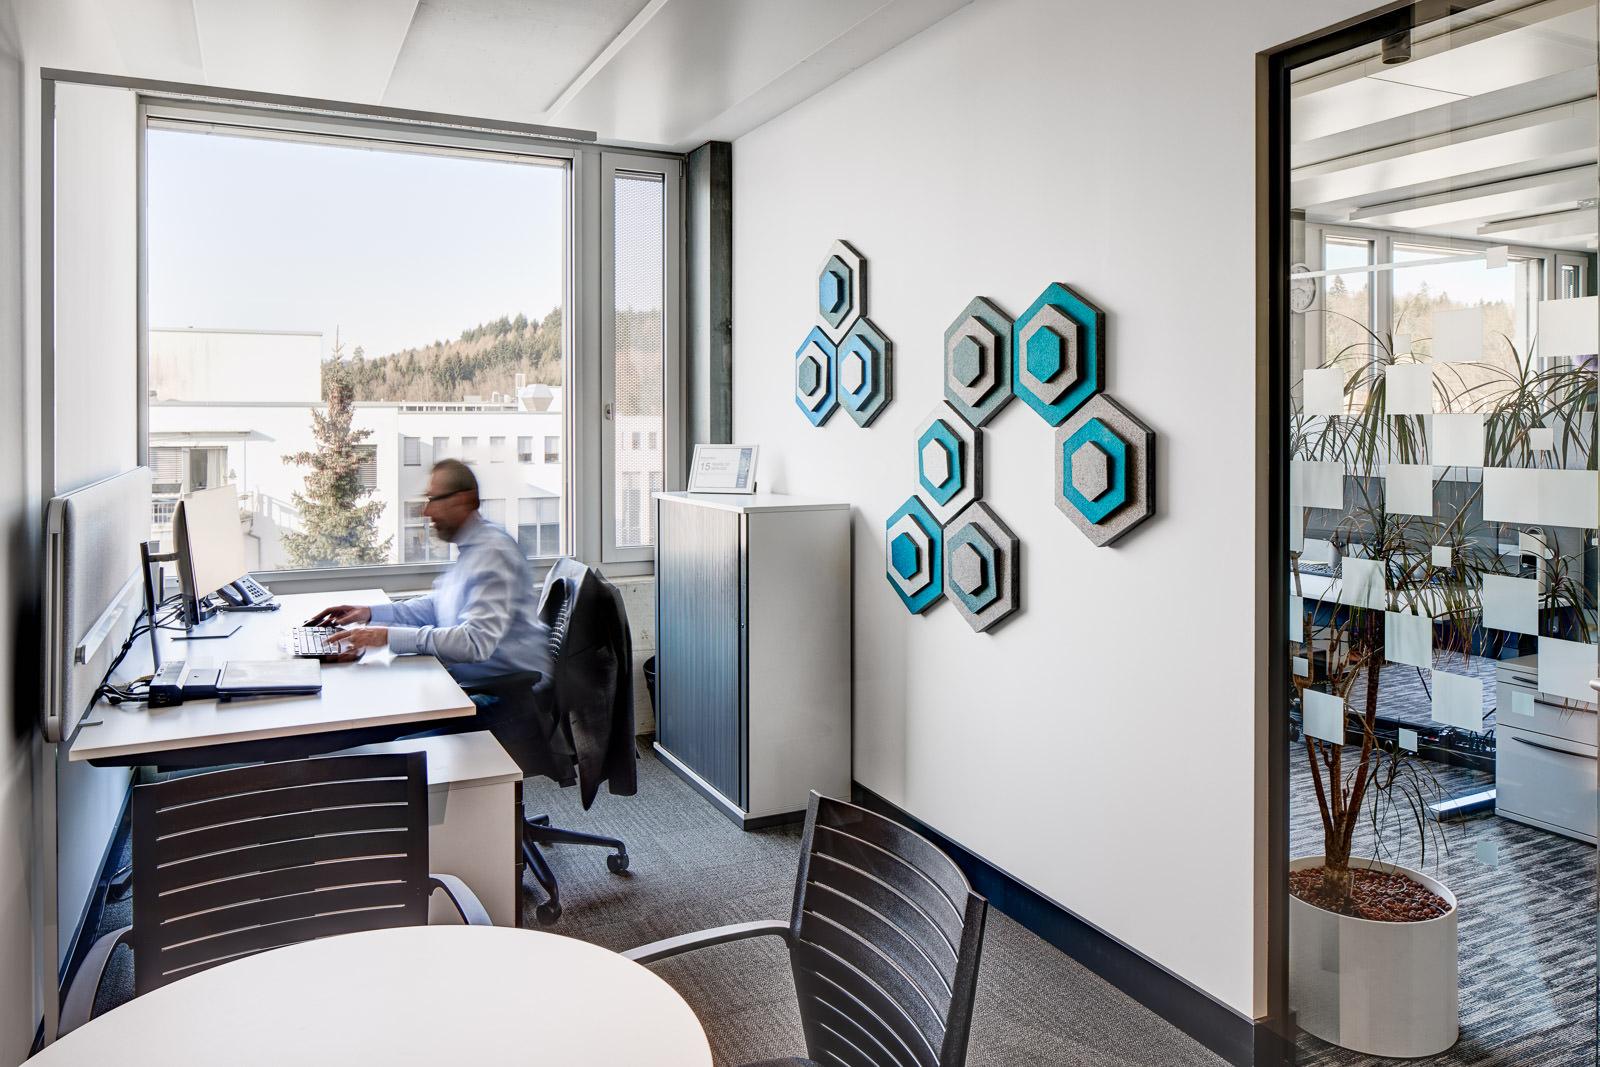 Büroräume Fotos und Innenaufnahmen